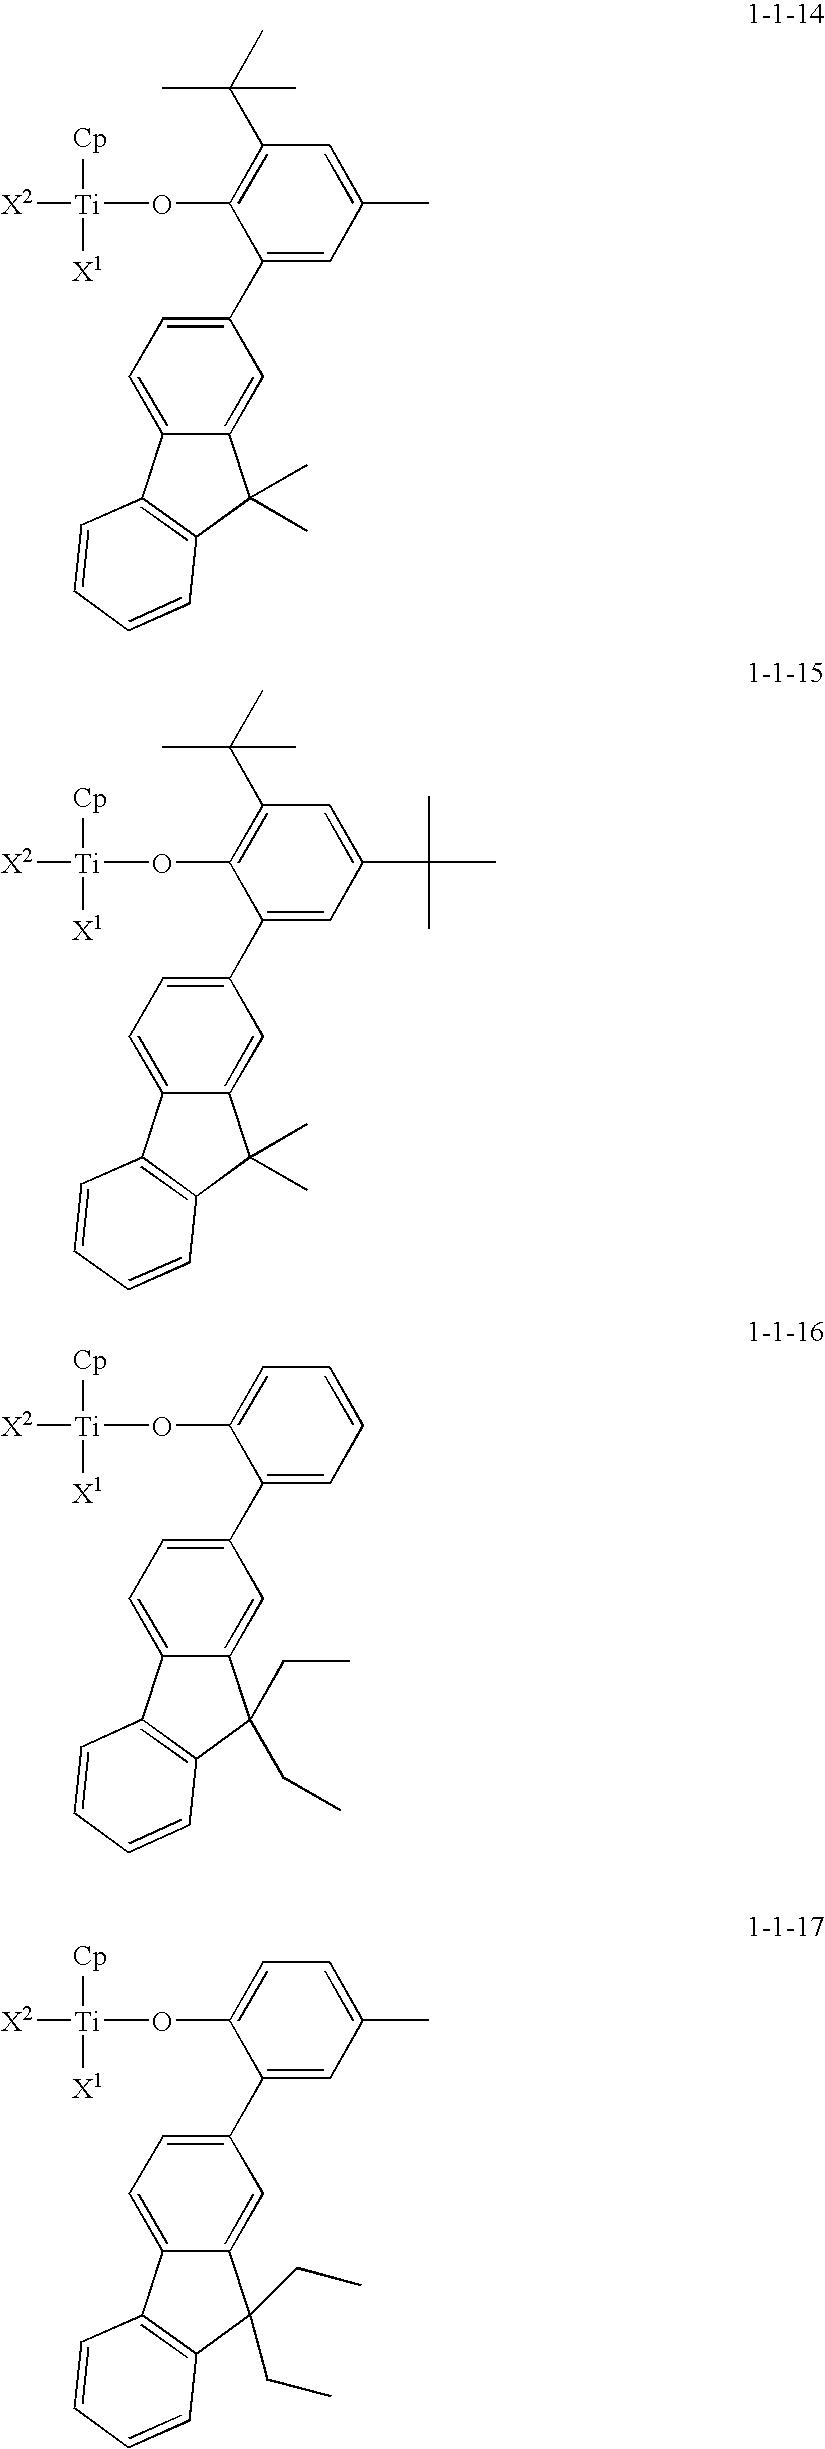 Figure US20100081776A1-20100401-C00029